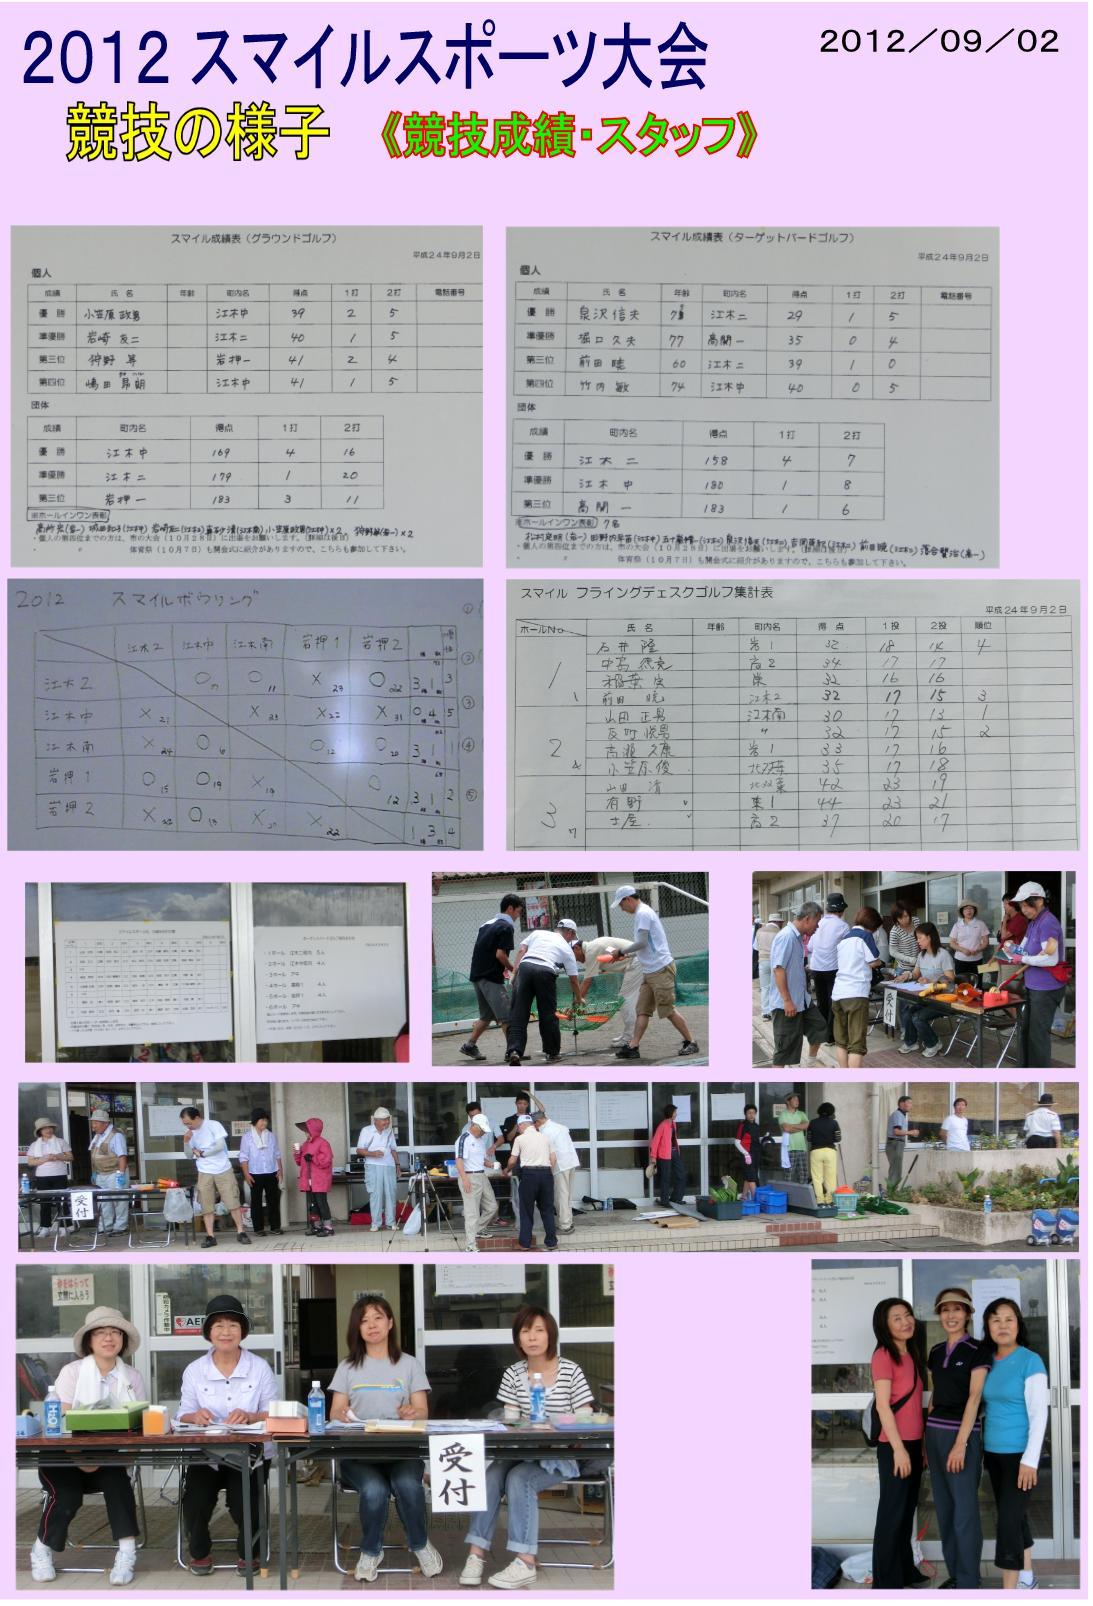 2012 競技速報(競技成績 スタッフ) A4版 .jpg